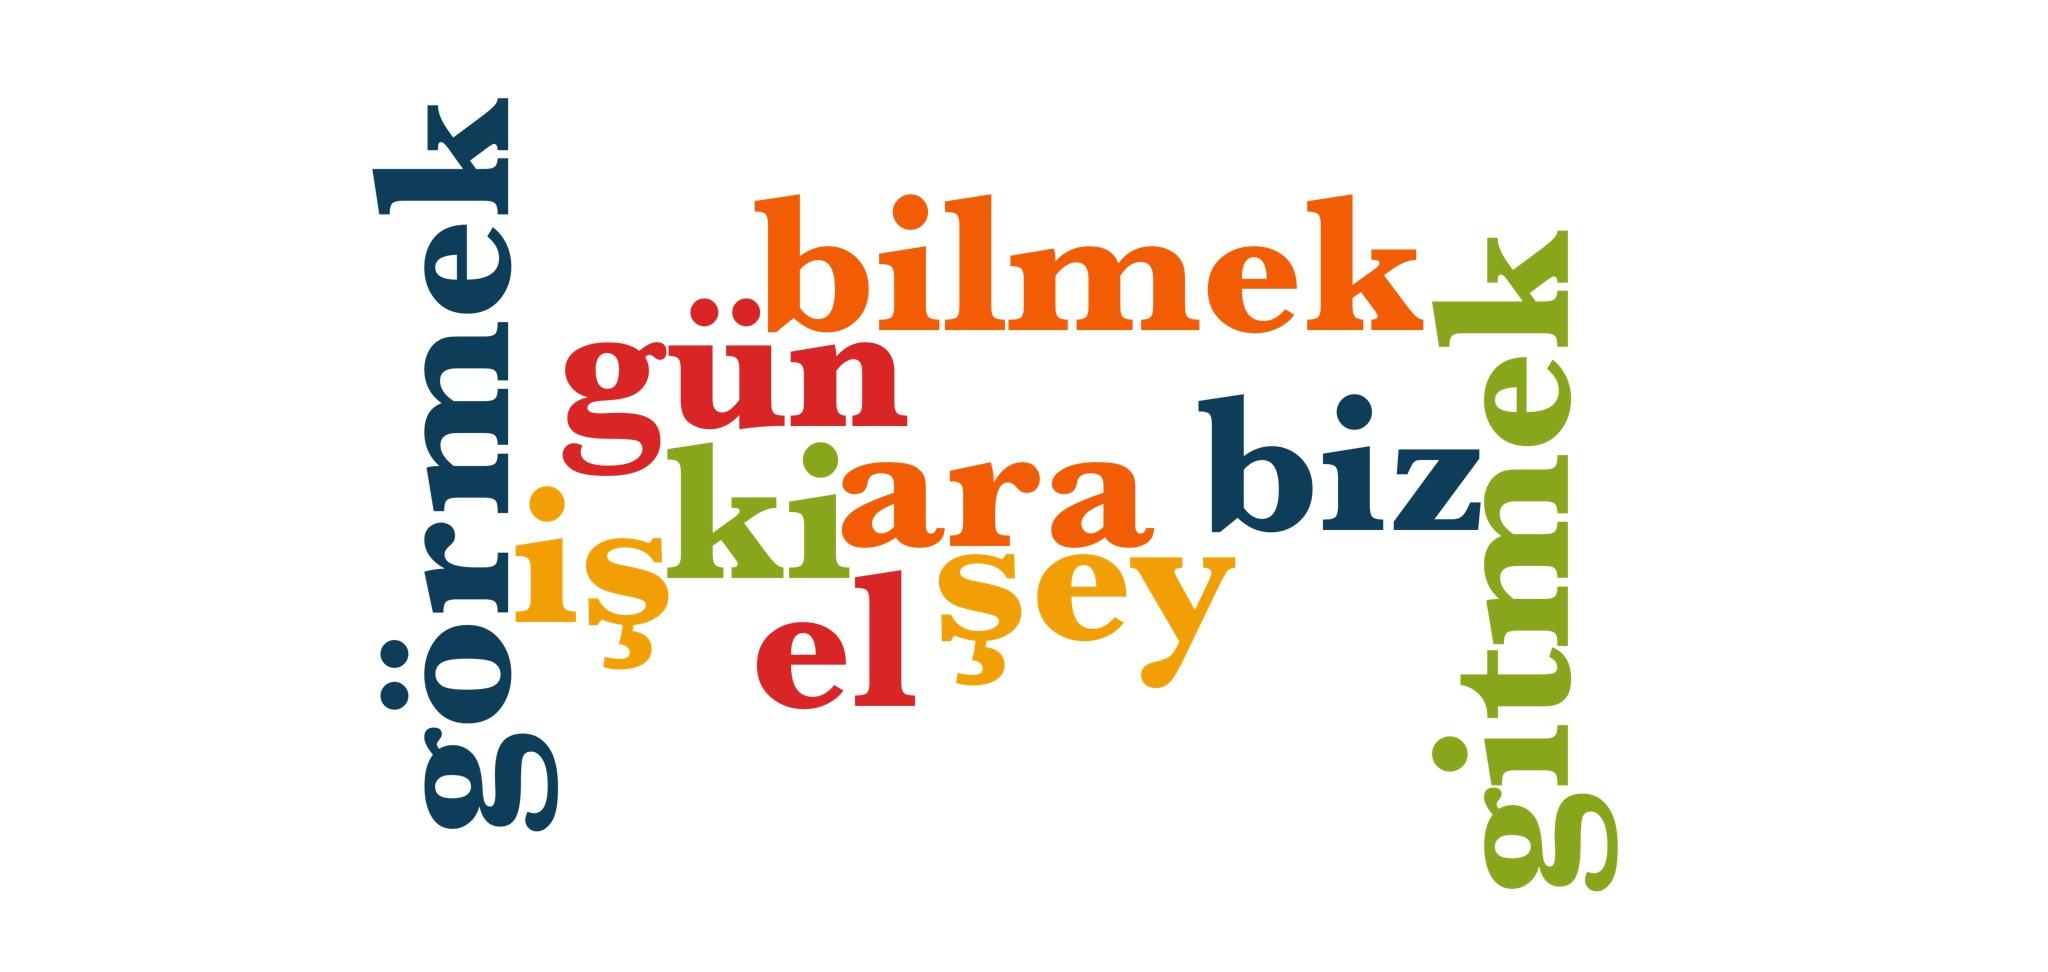 Wörter 31 bis 40 der 1000 häufigsten Wörter der türkischen Sprache